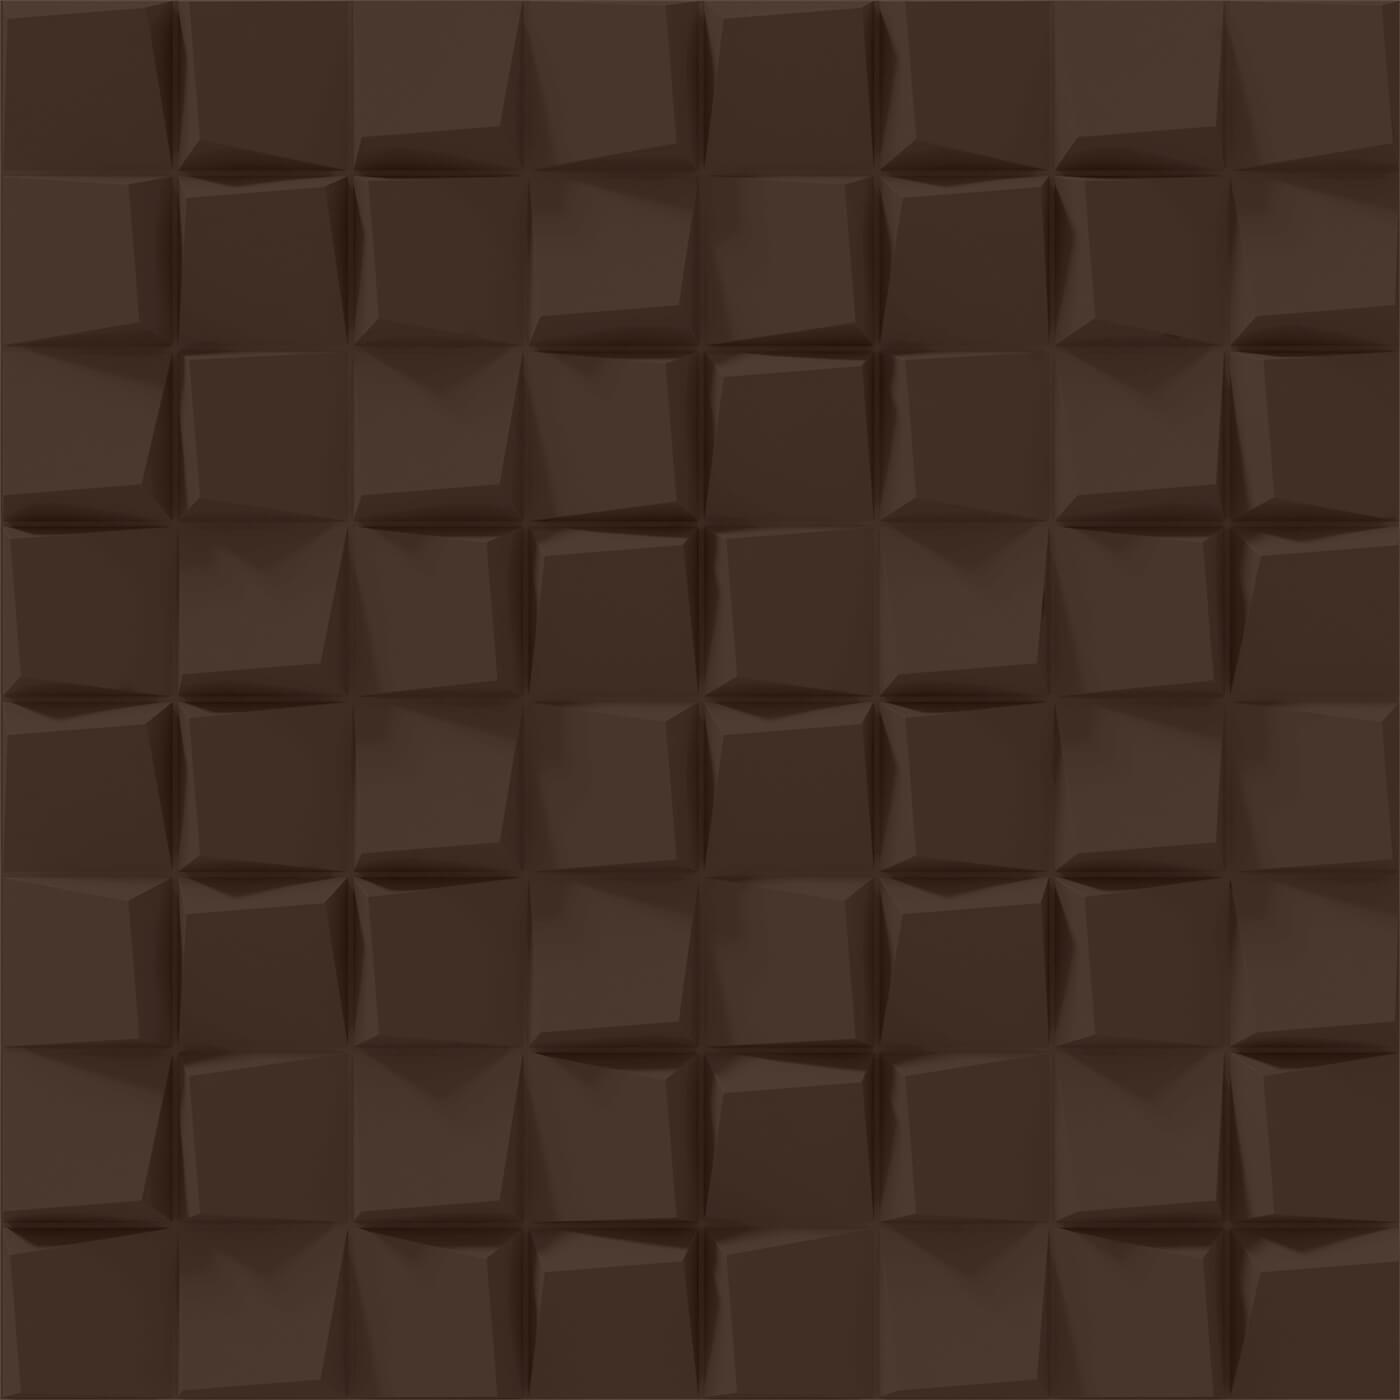 Komodo #Cocoa